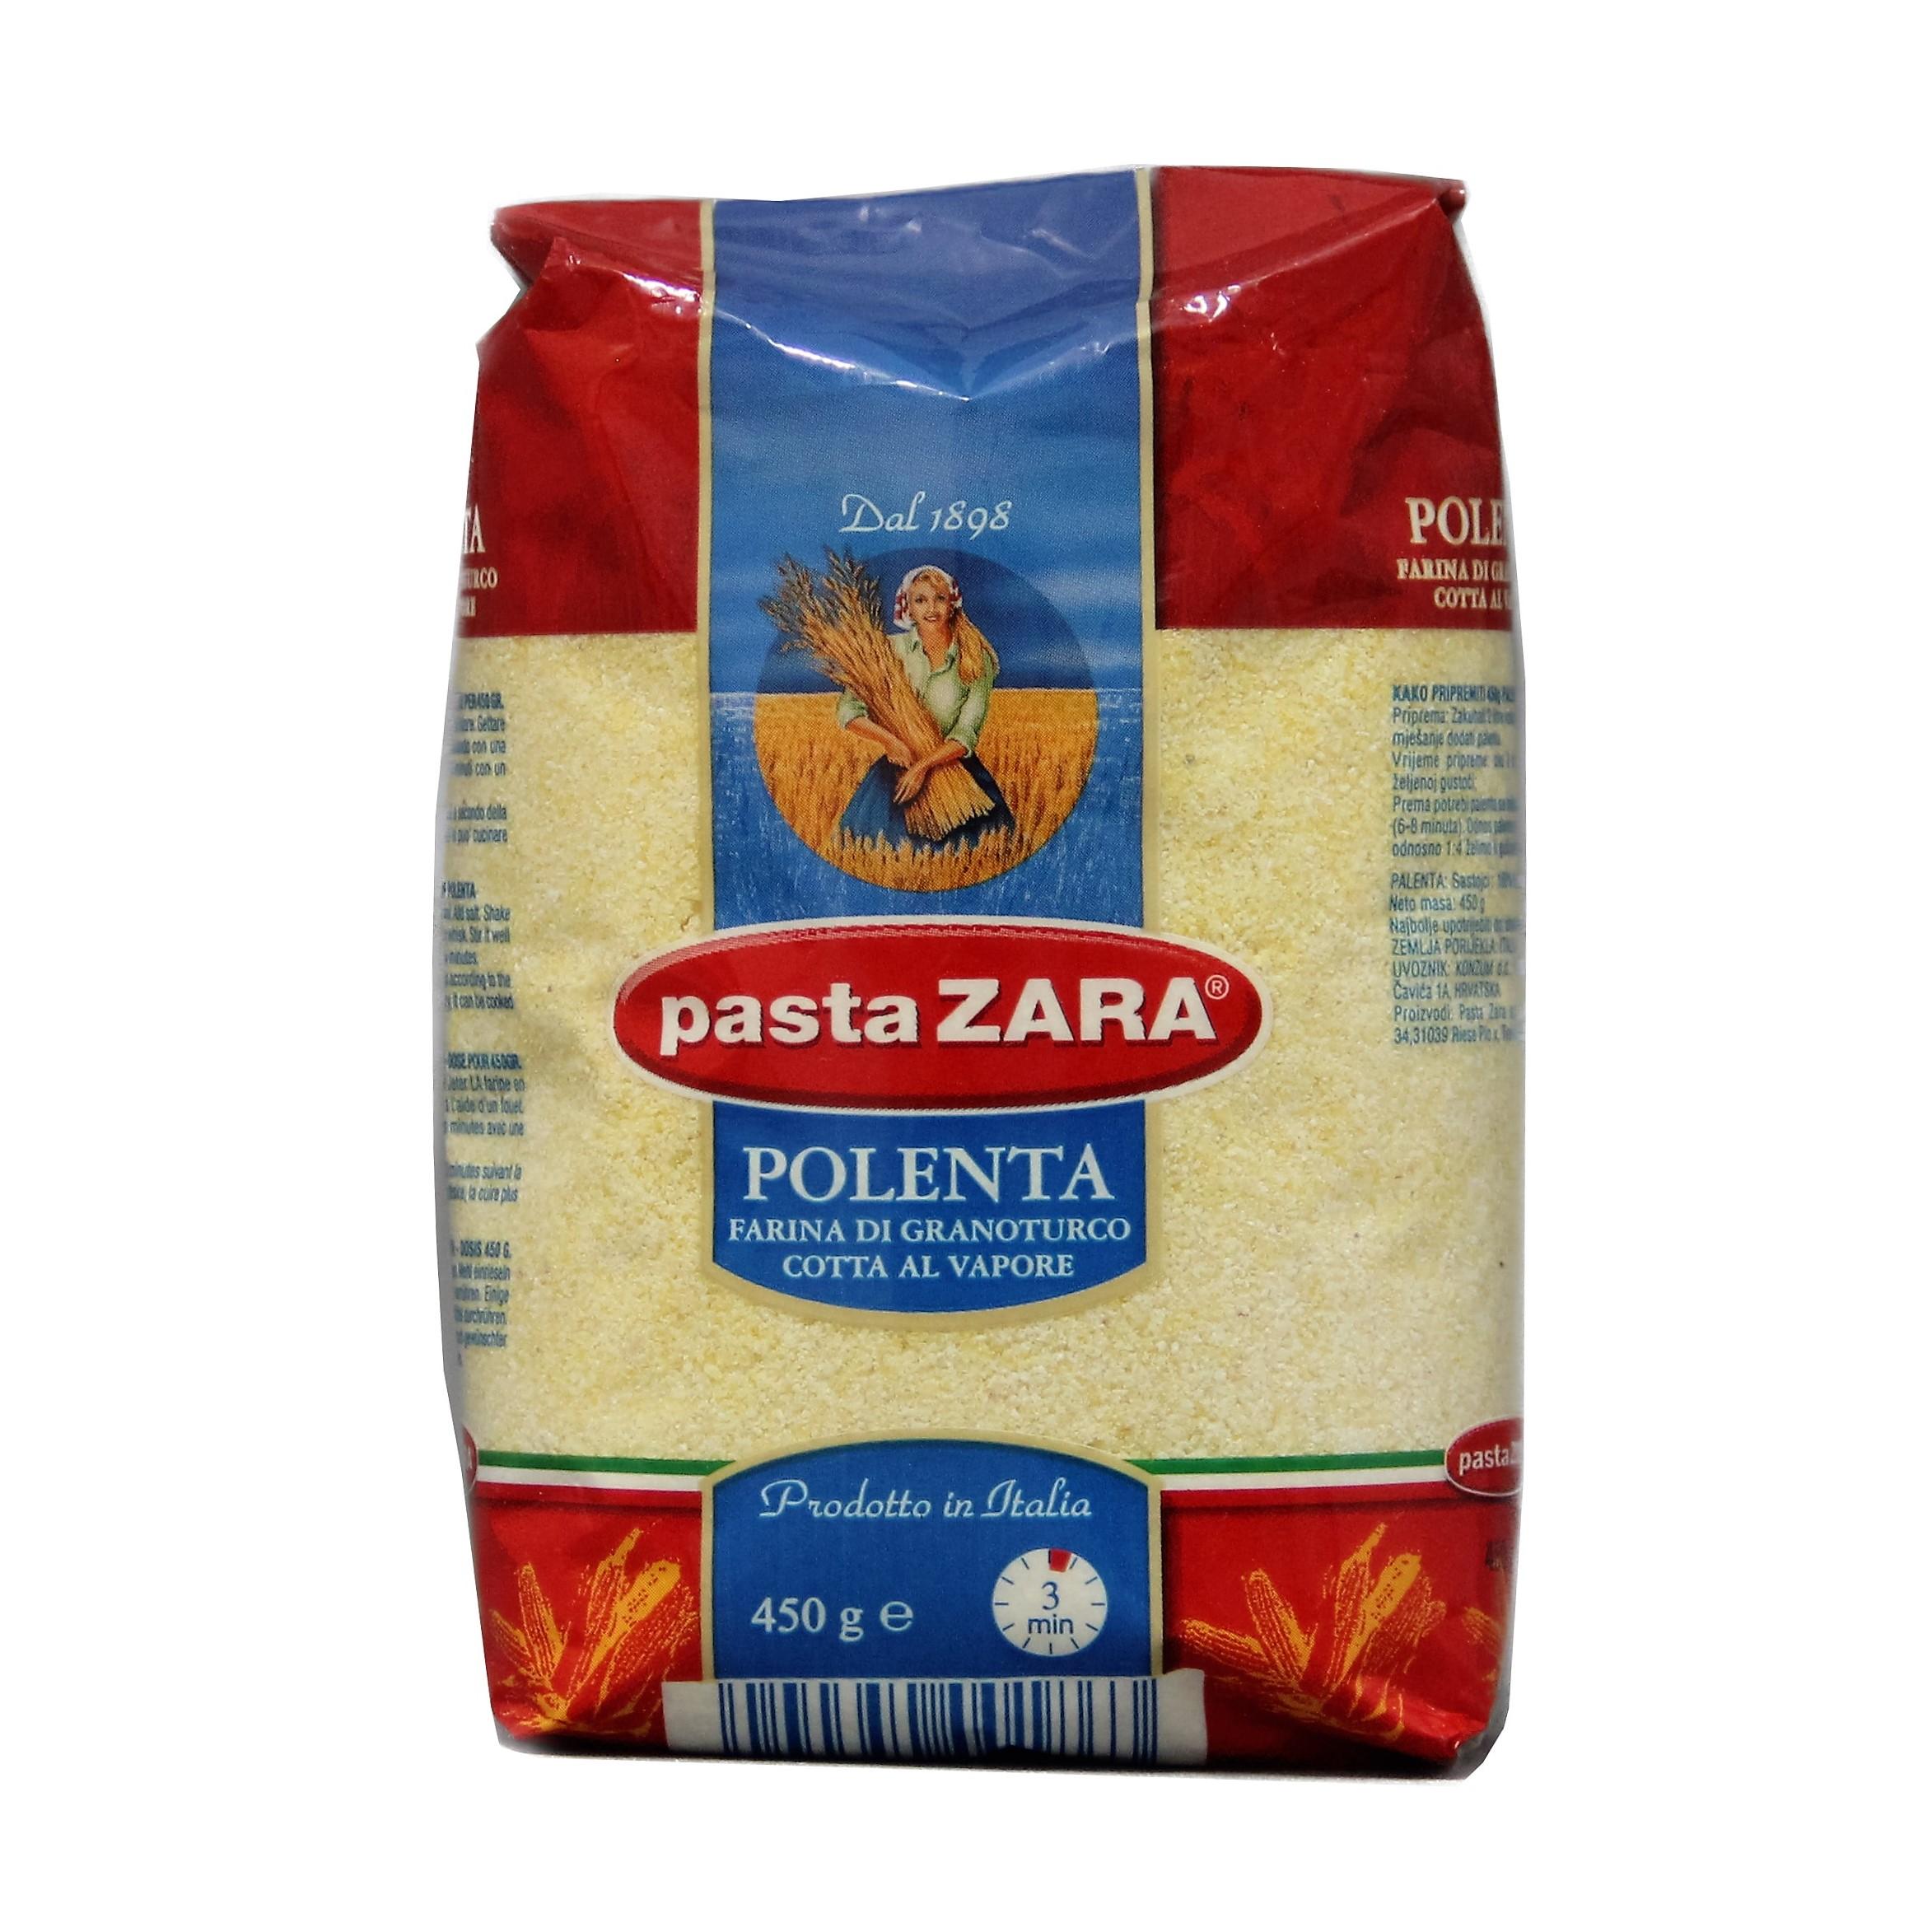 933 Zara Polenta 500g